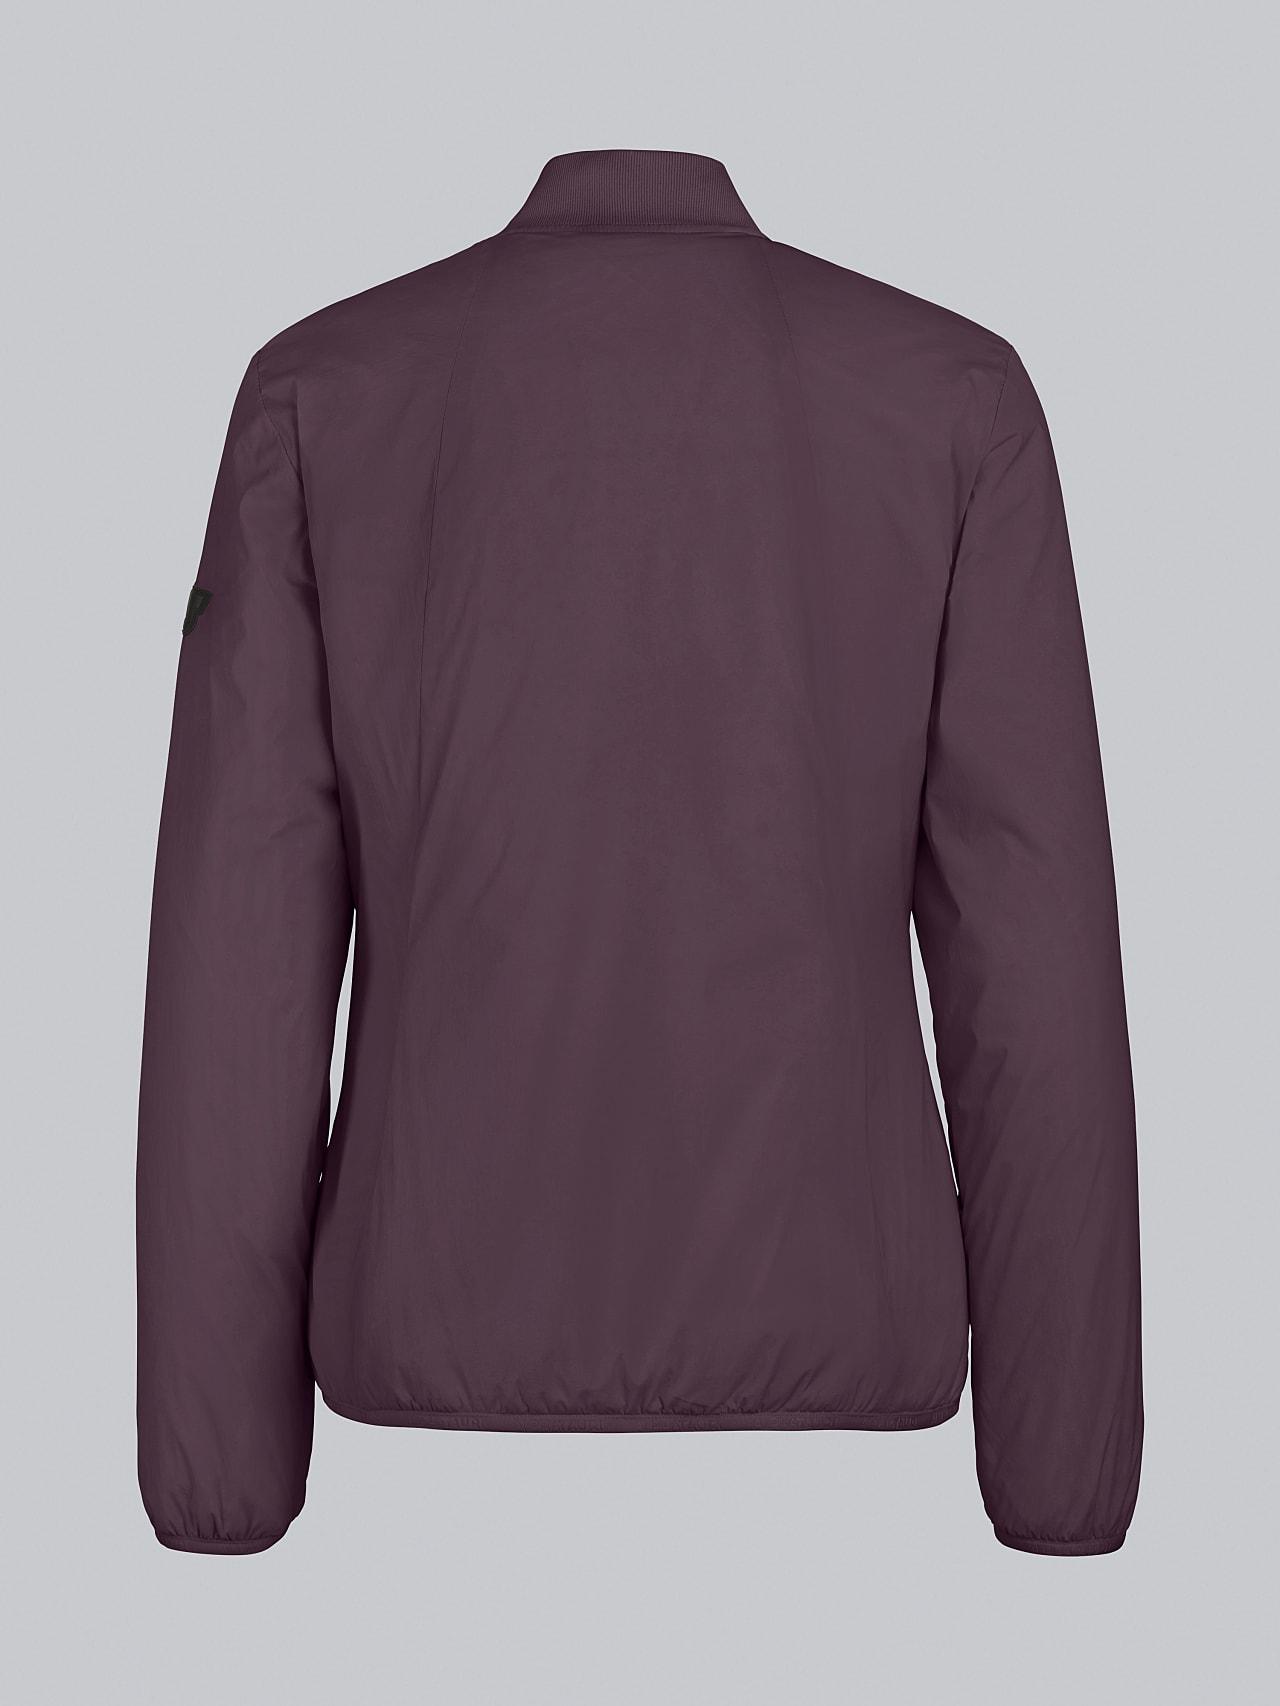 OVAS V4.Y5.02 Padded PrimaLoft® Jacket Burgundy Left Alpha Tauri